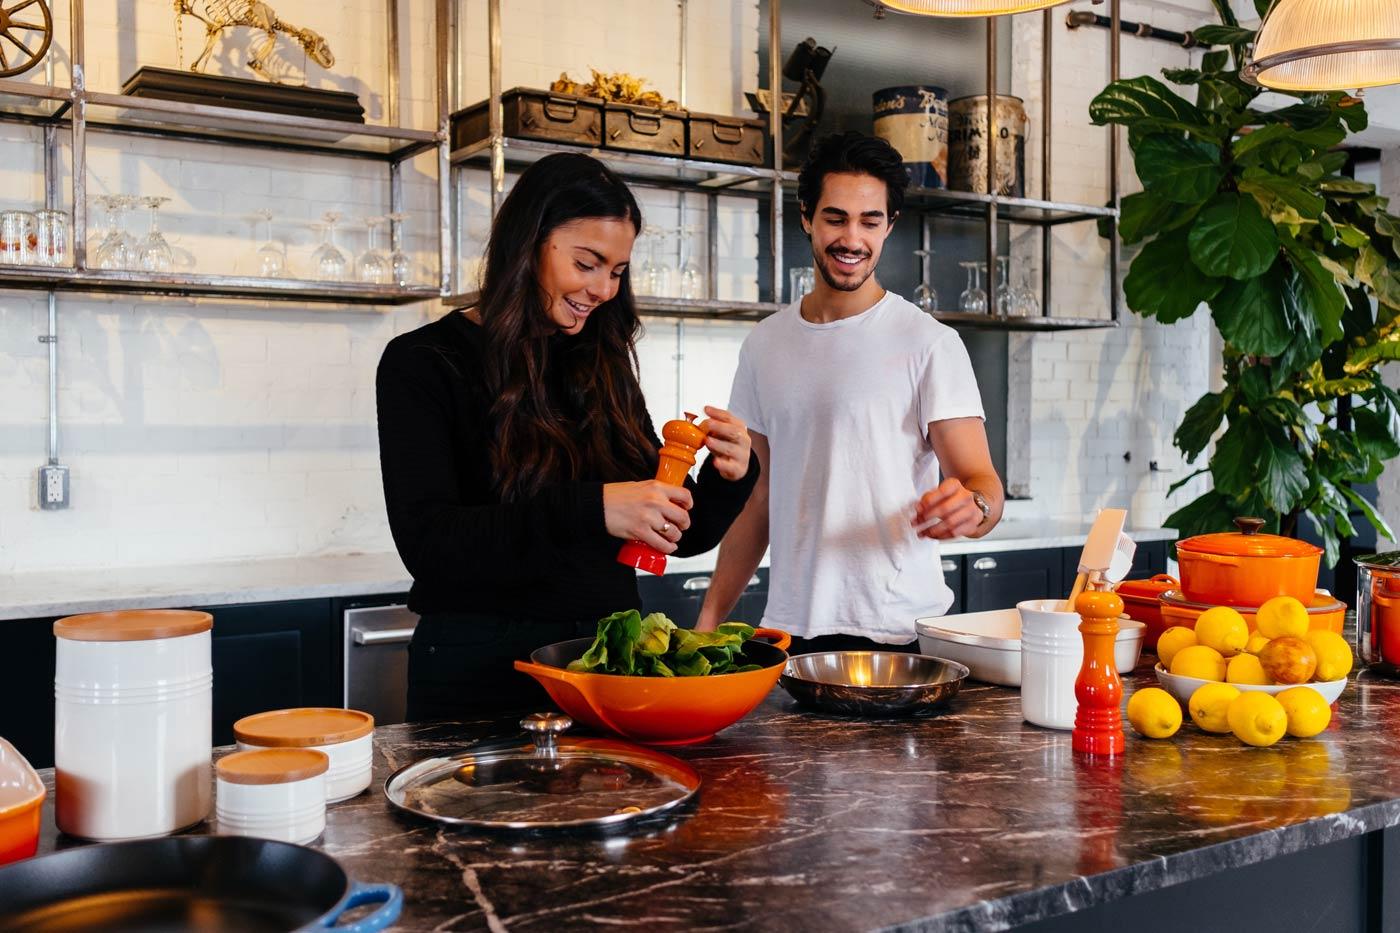 Wspólne gotowanie to świetny sposób na kreatywne spędzanie czasu